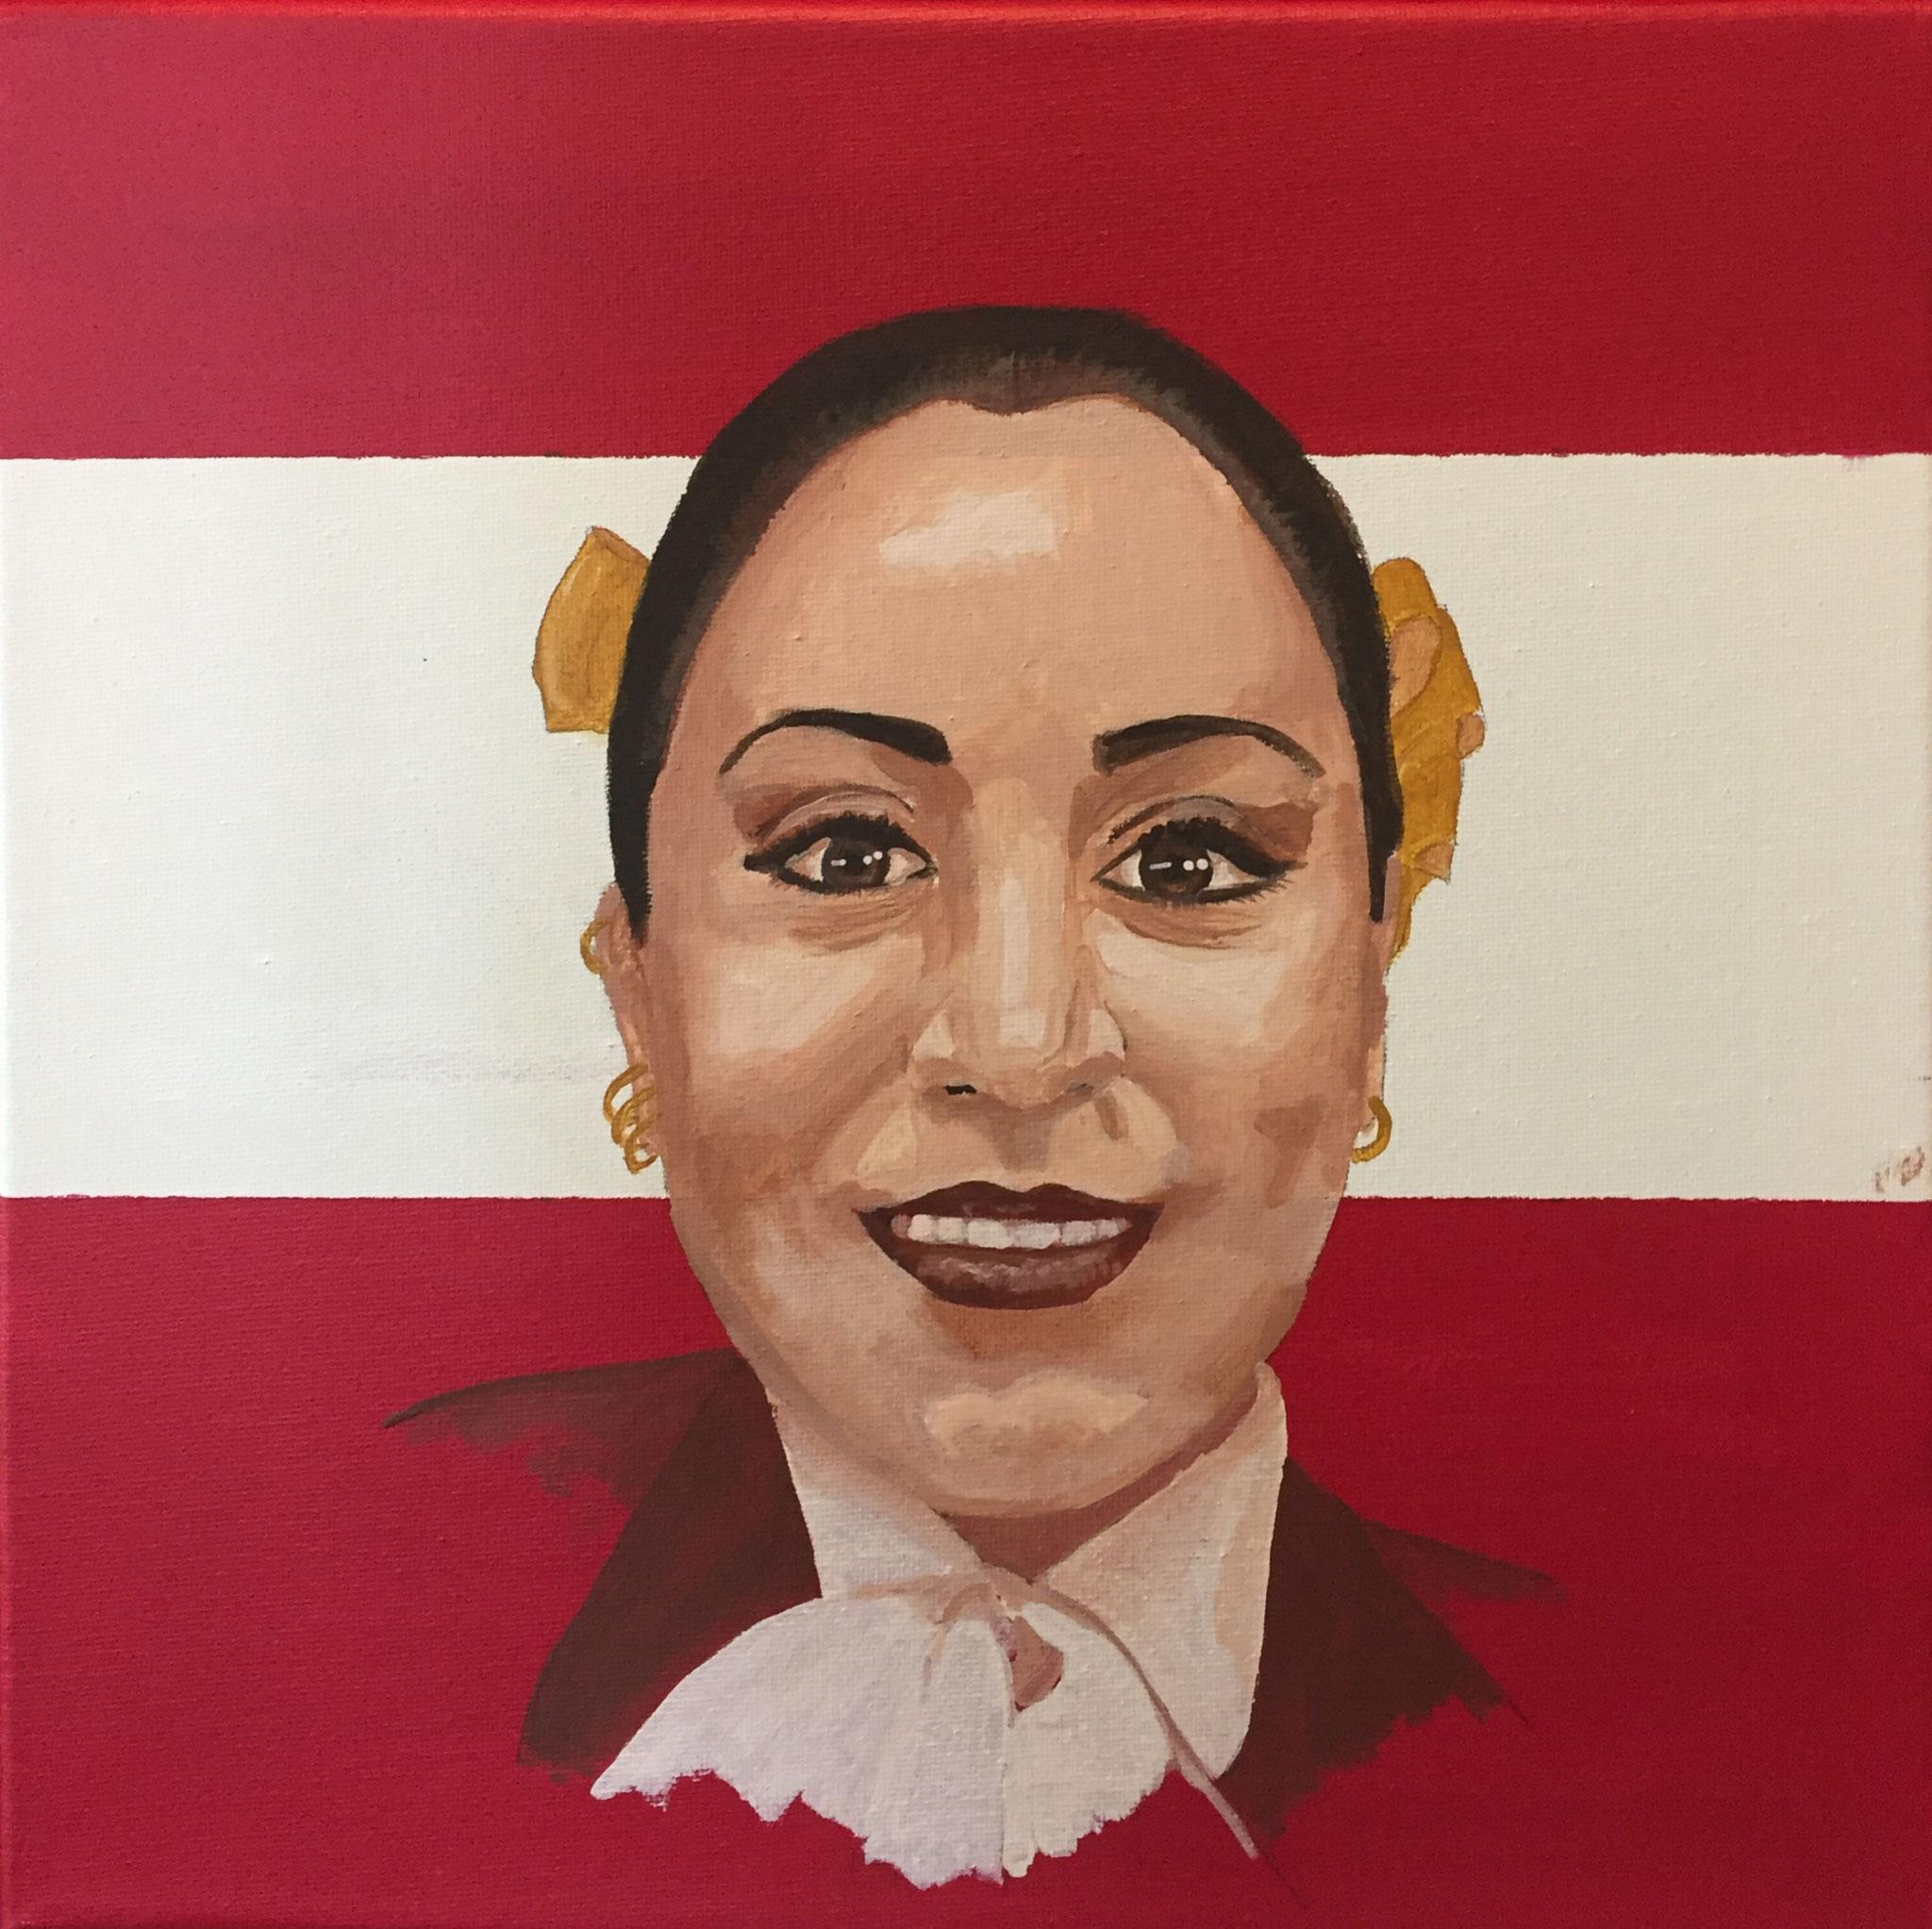 Patricia: Trompetista, inmigrante que busca dar a concer el folclor de su pais, para que lo quieran y respeten.